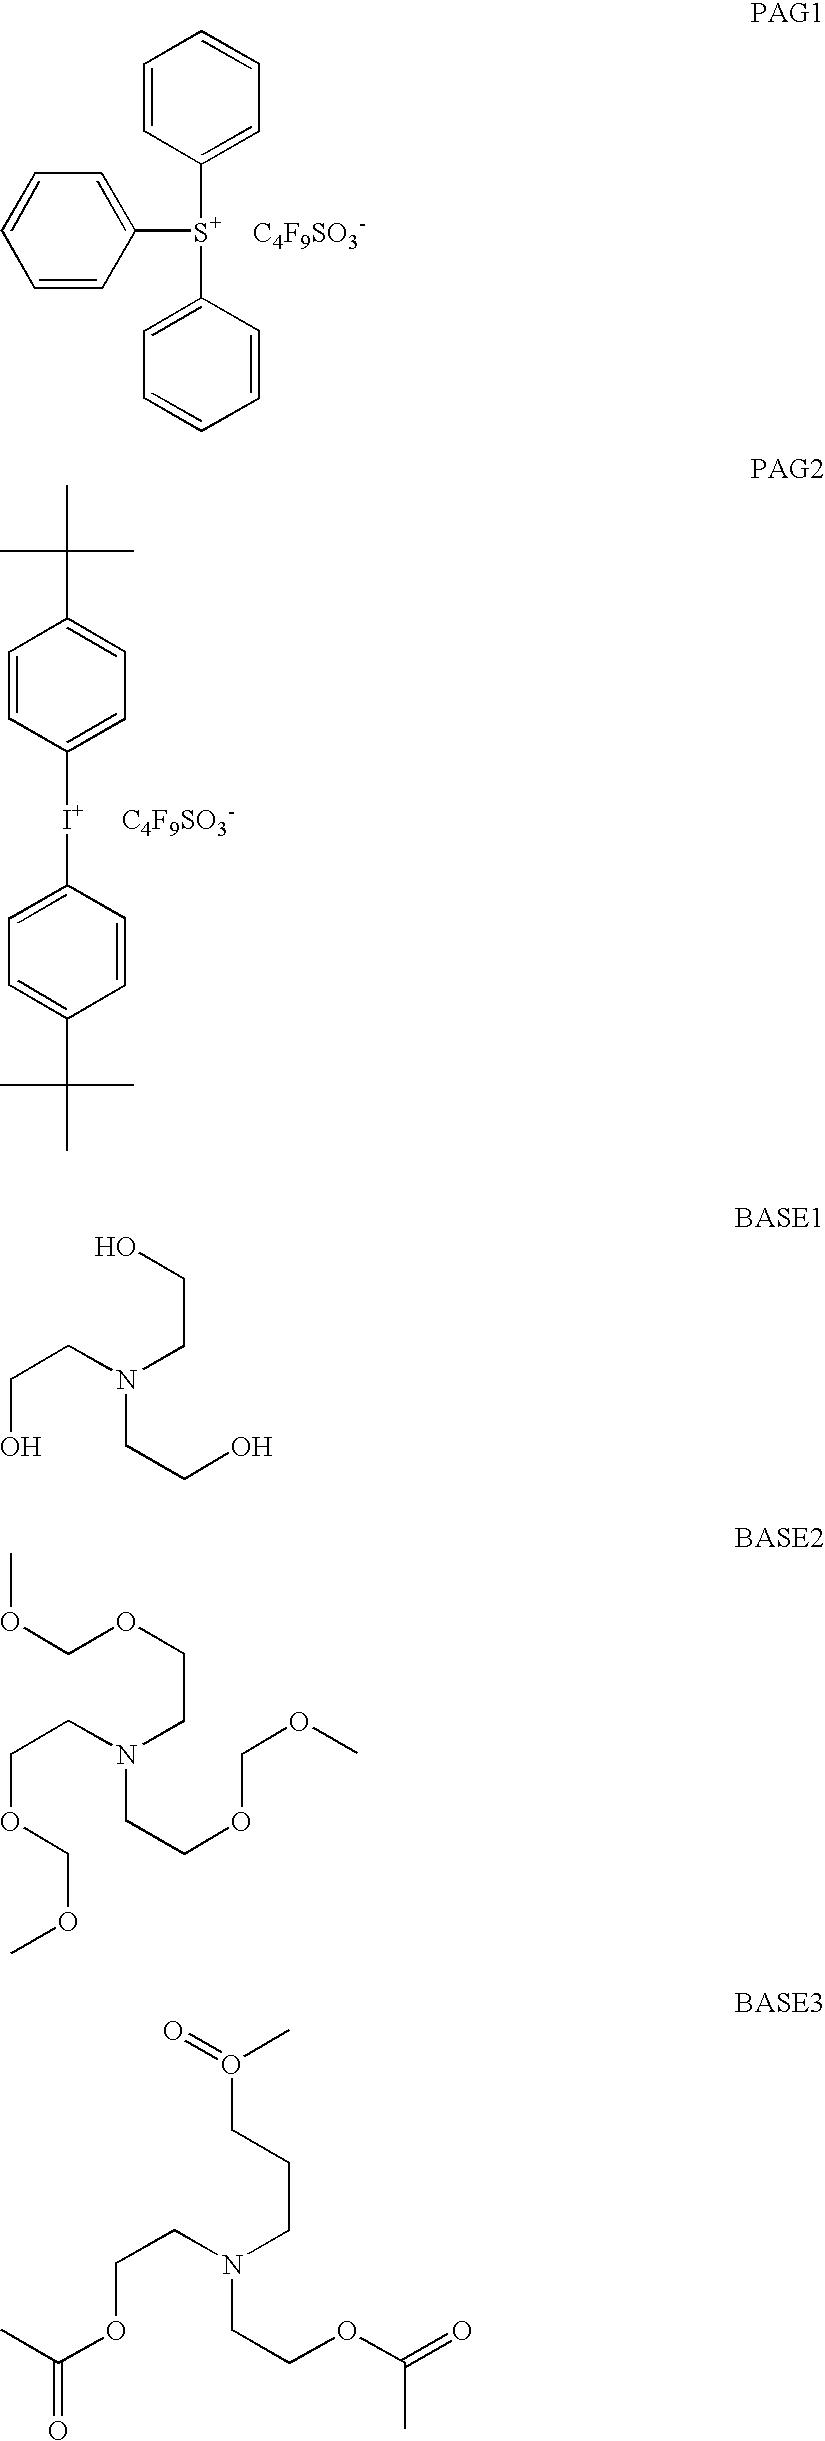 Figure US20040241579A1-20041202-C00042